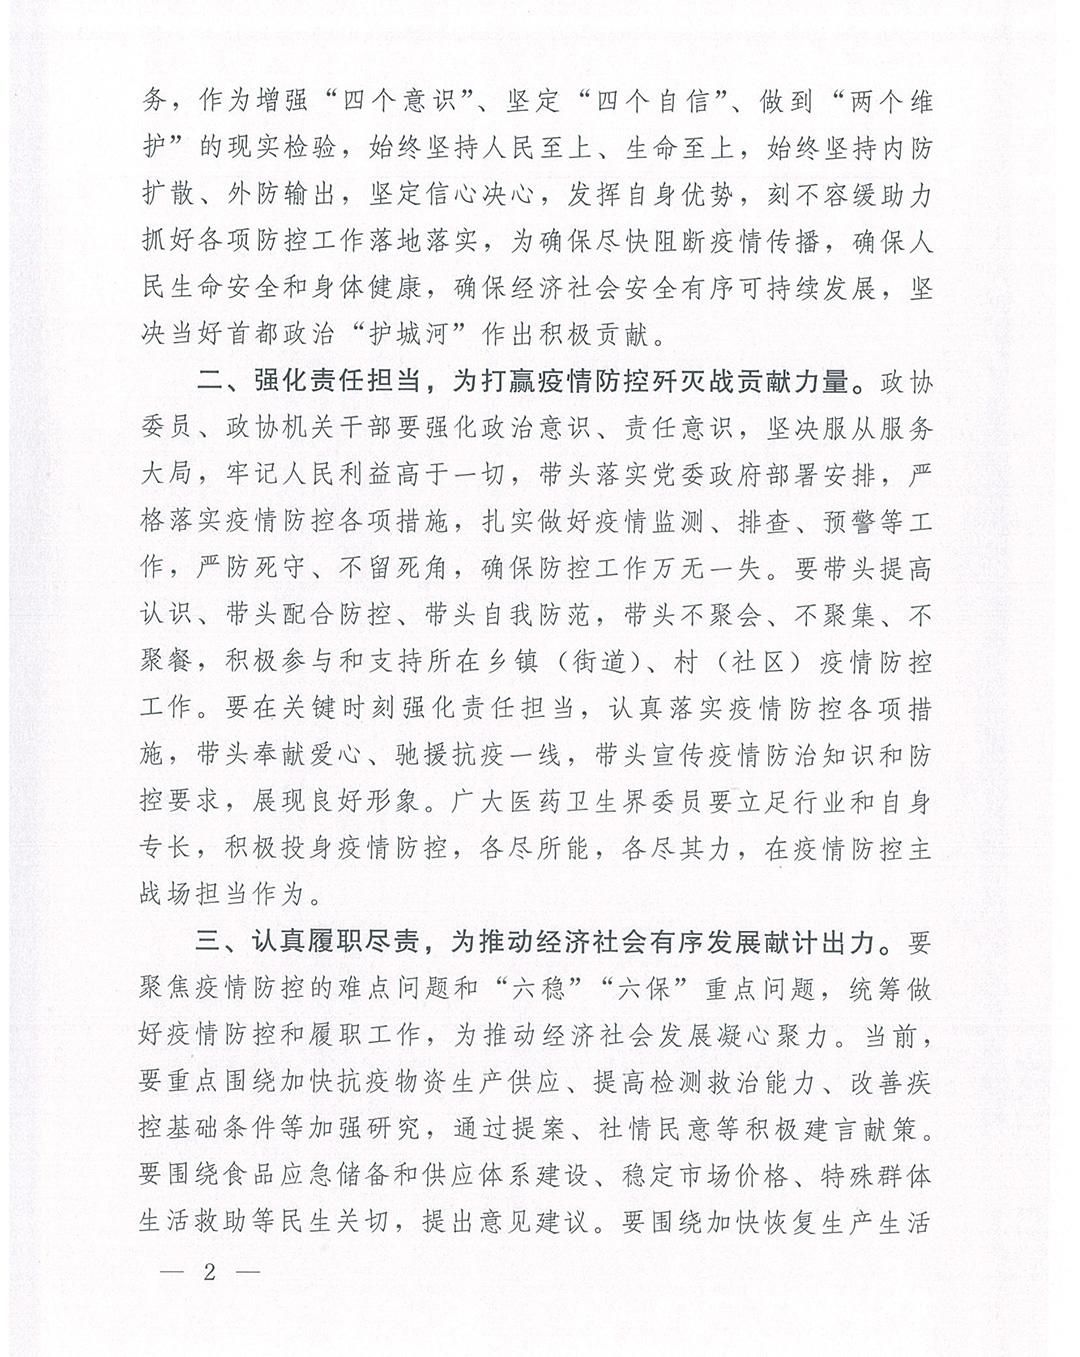 致广大政协委员的一封信-4.jpg